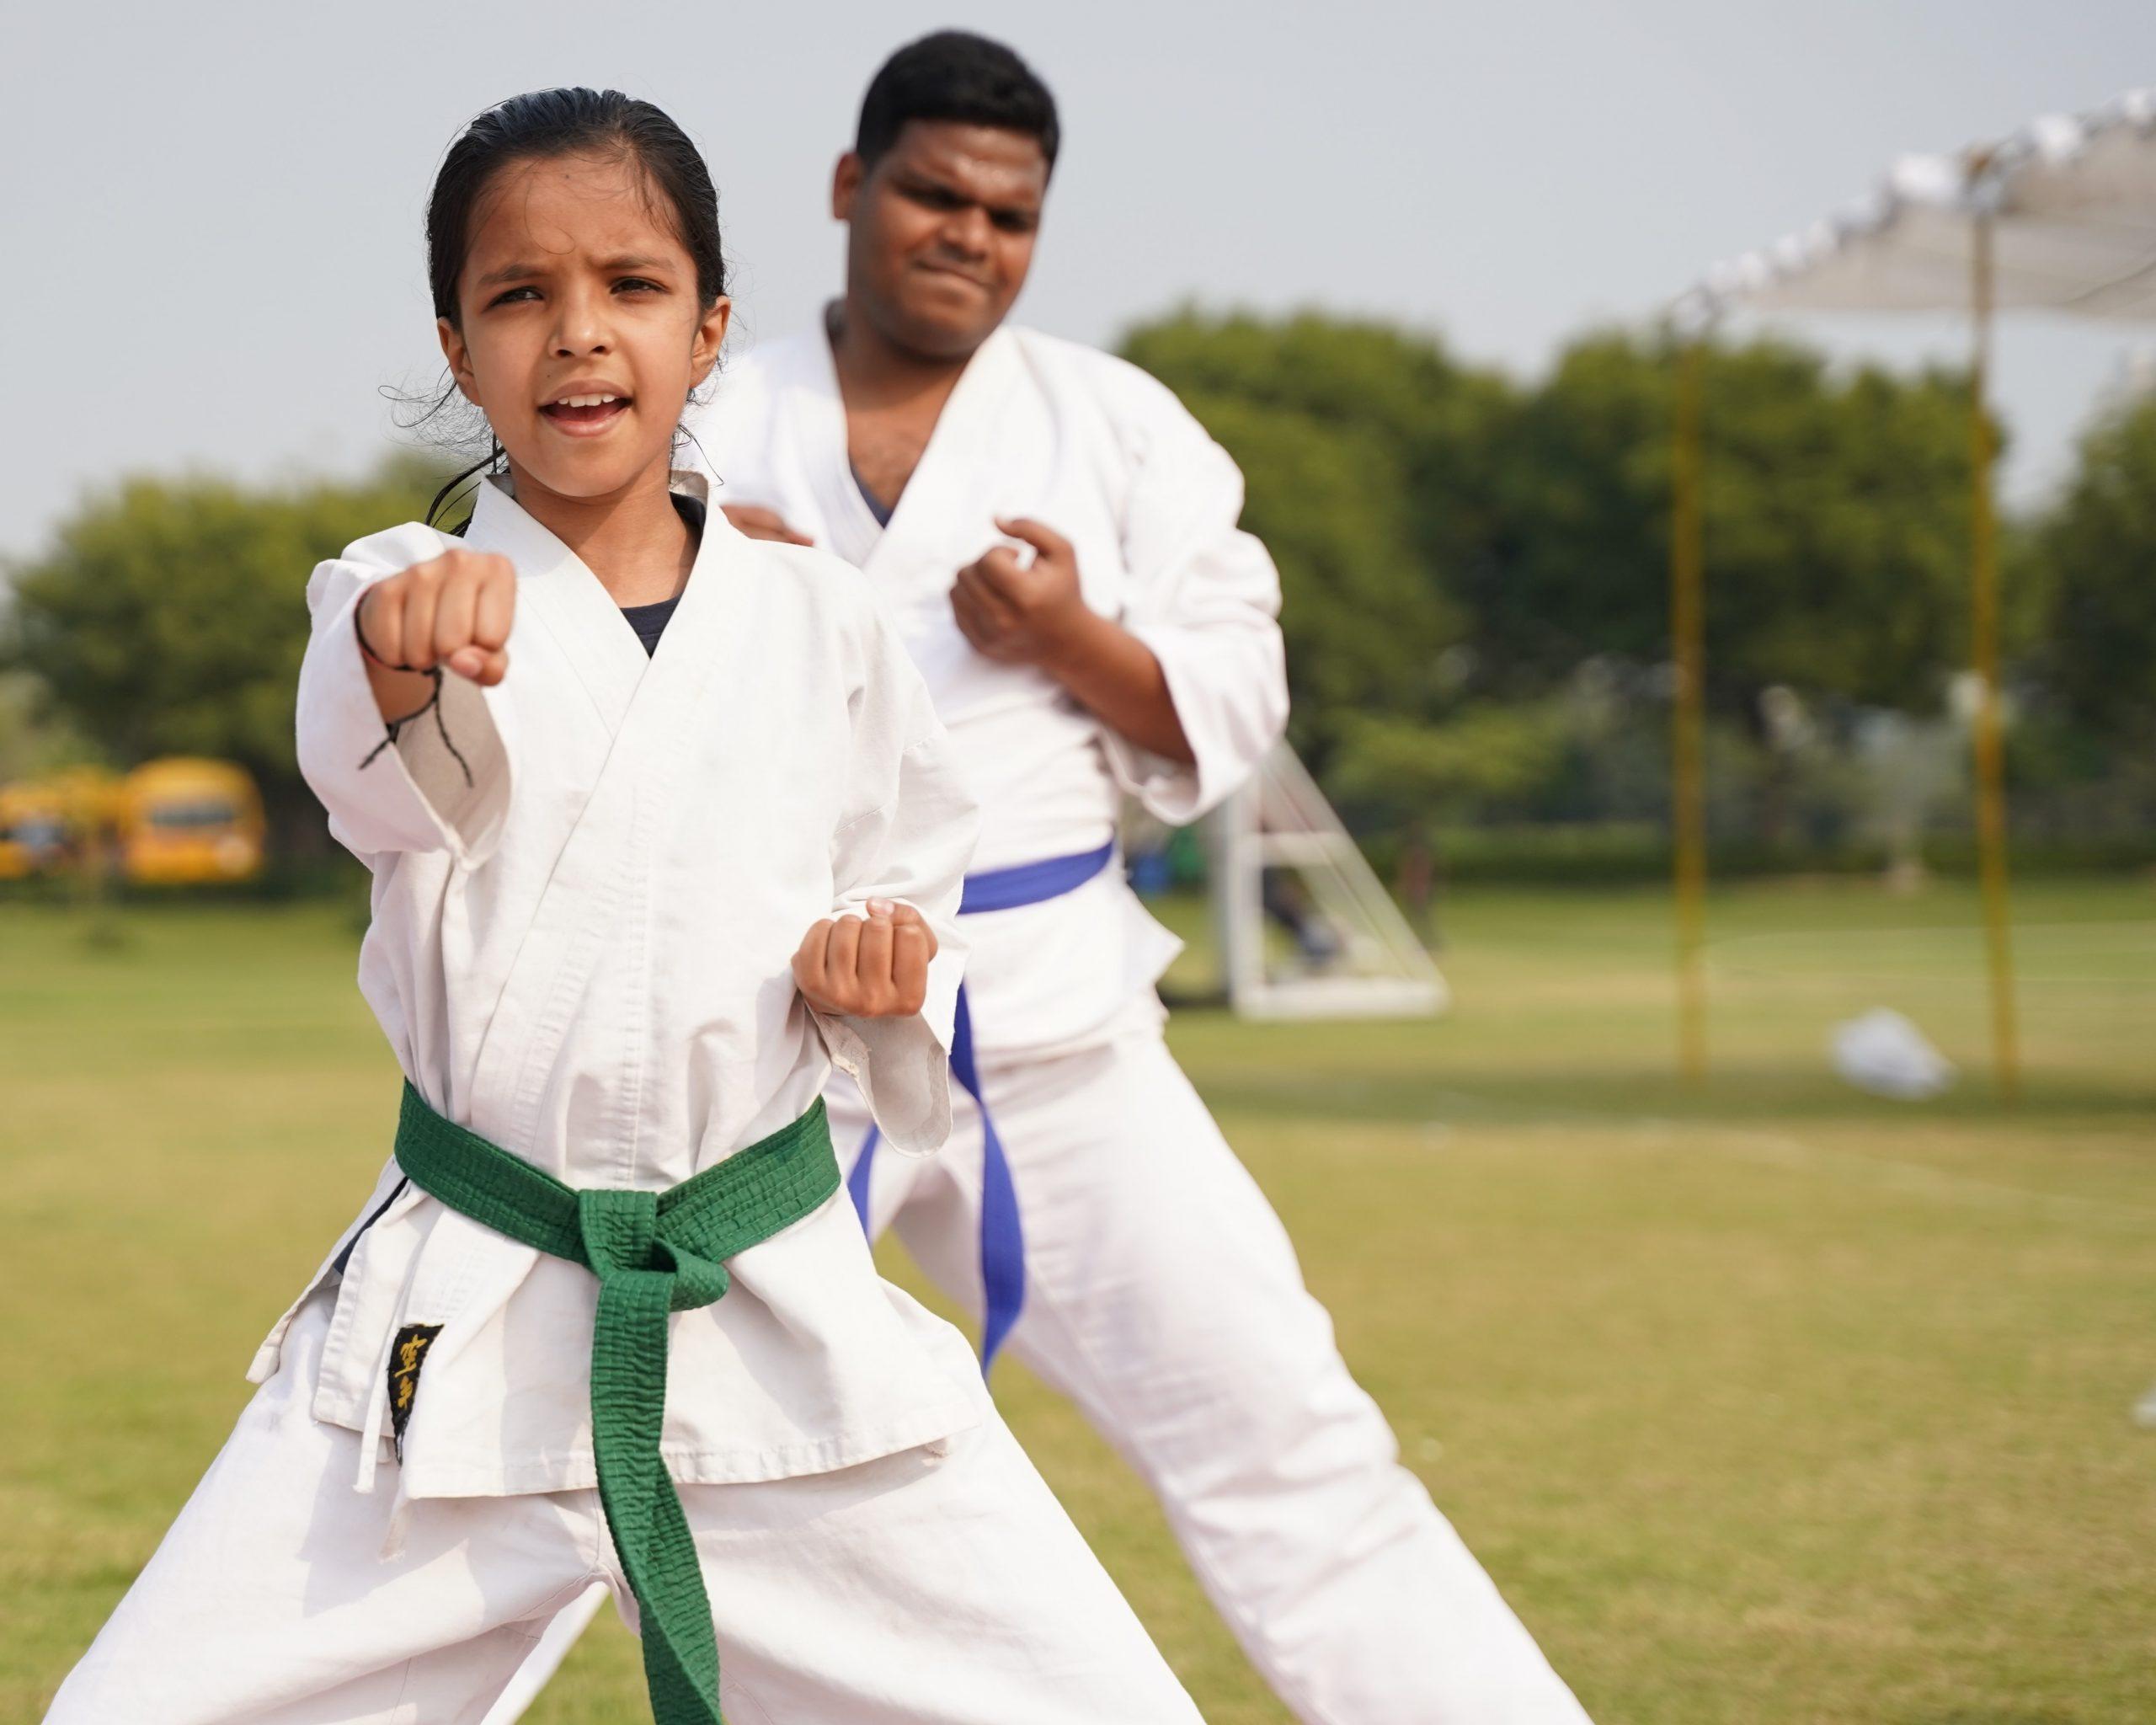 Foto de duas crianças, uma menina e um menino, praticando karatê